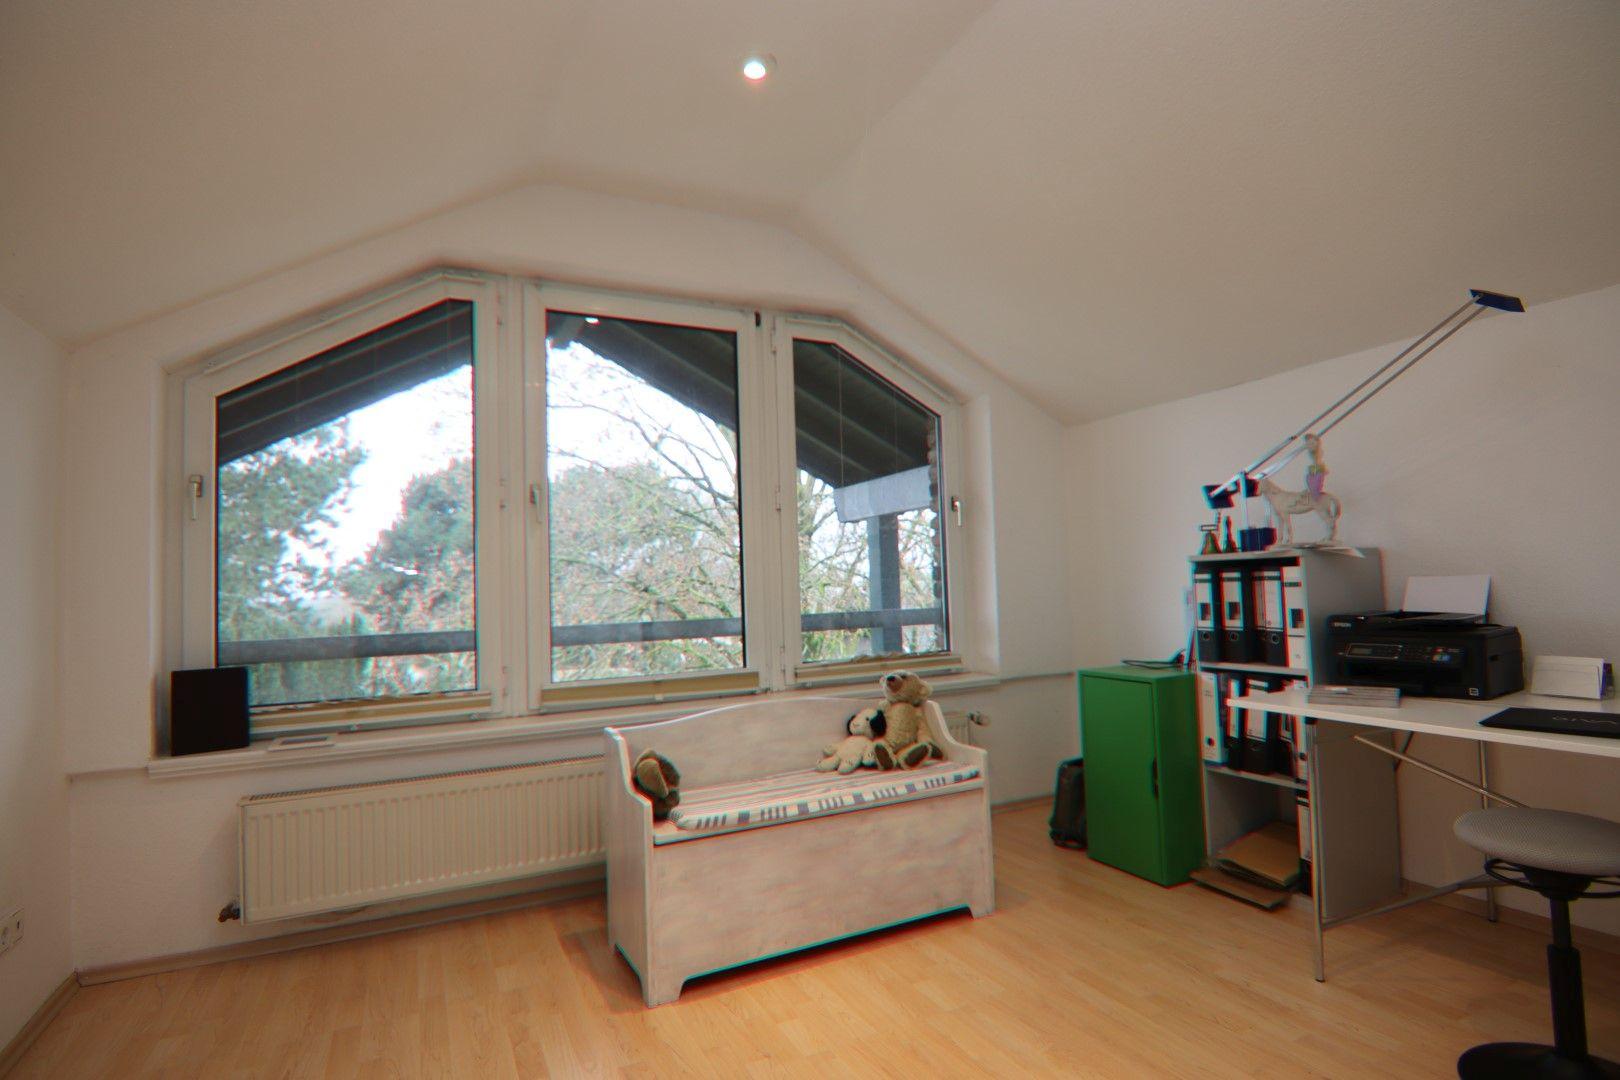 Immobilie Nr.0291 - 4-Raum-Wohnung, 2 Bäder mit Balkon u. Stpl. - Bild 15.jpg